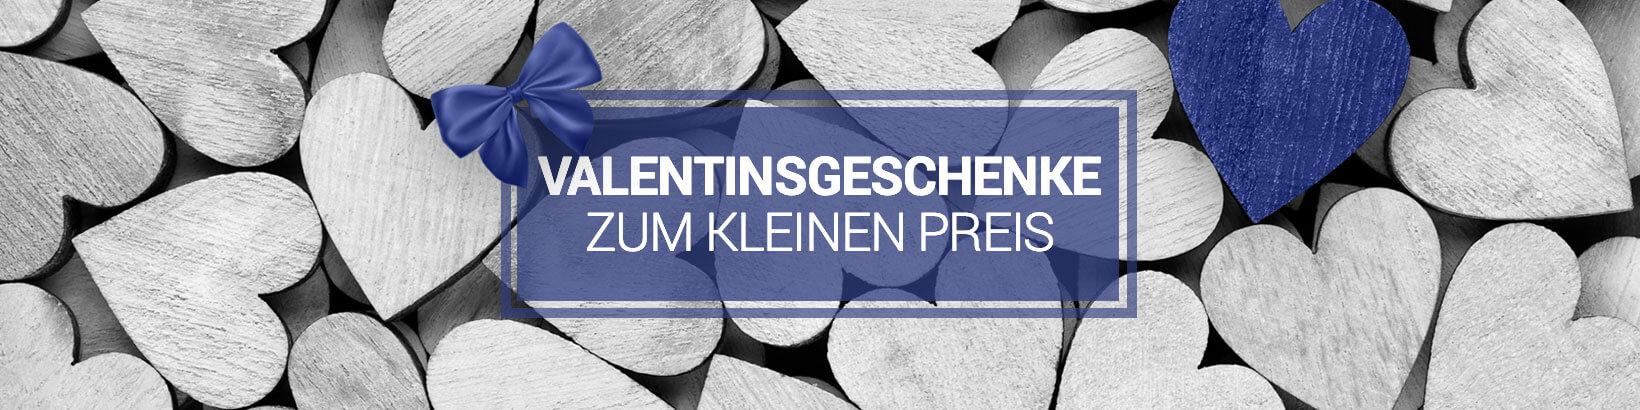 Visual-Herren-Kleiner-Preis-1640x410